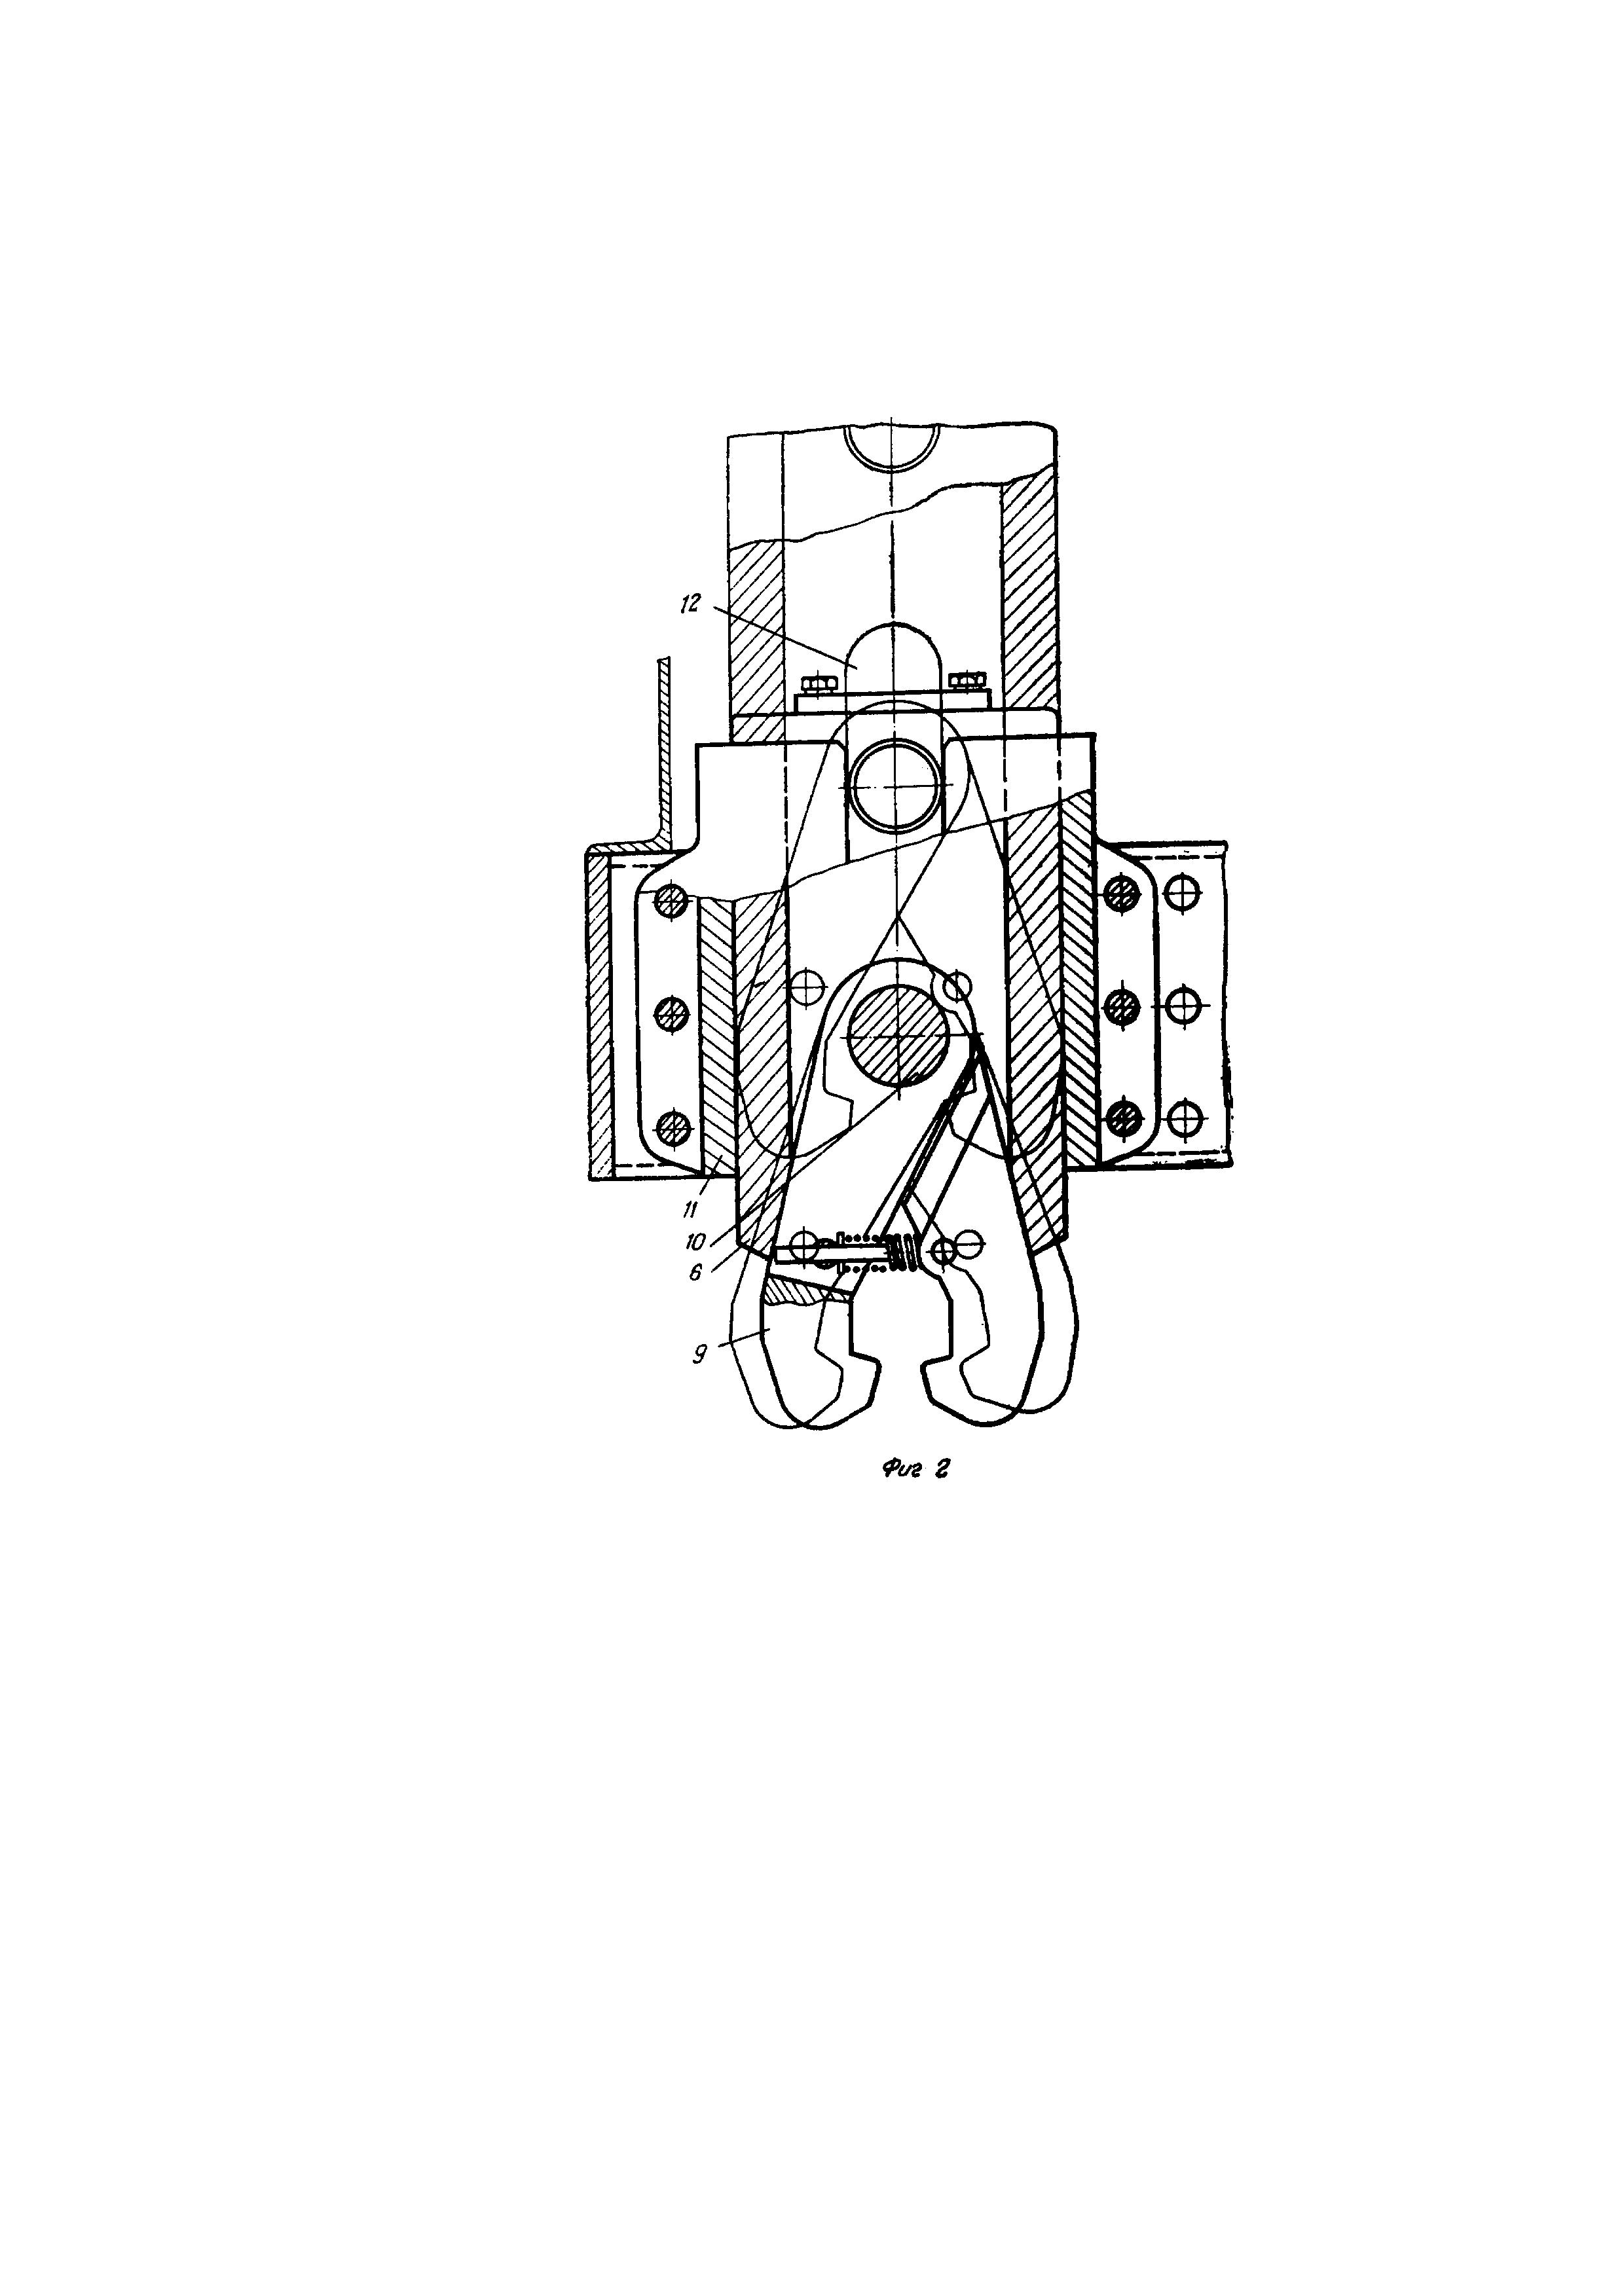 Устройство для подъема и рихтовки рельсового пути